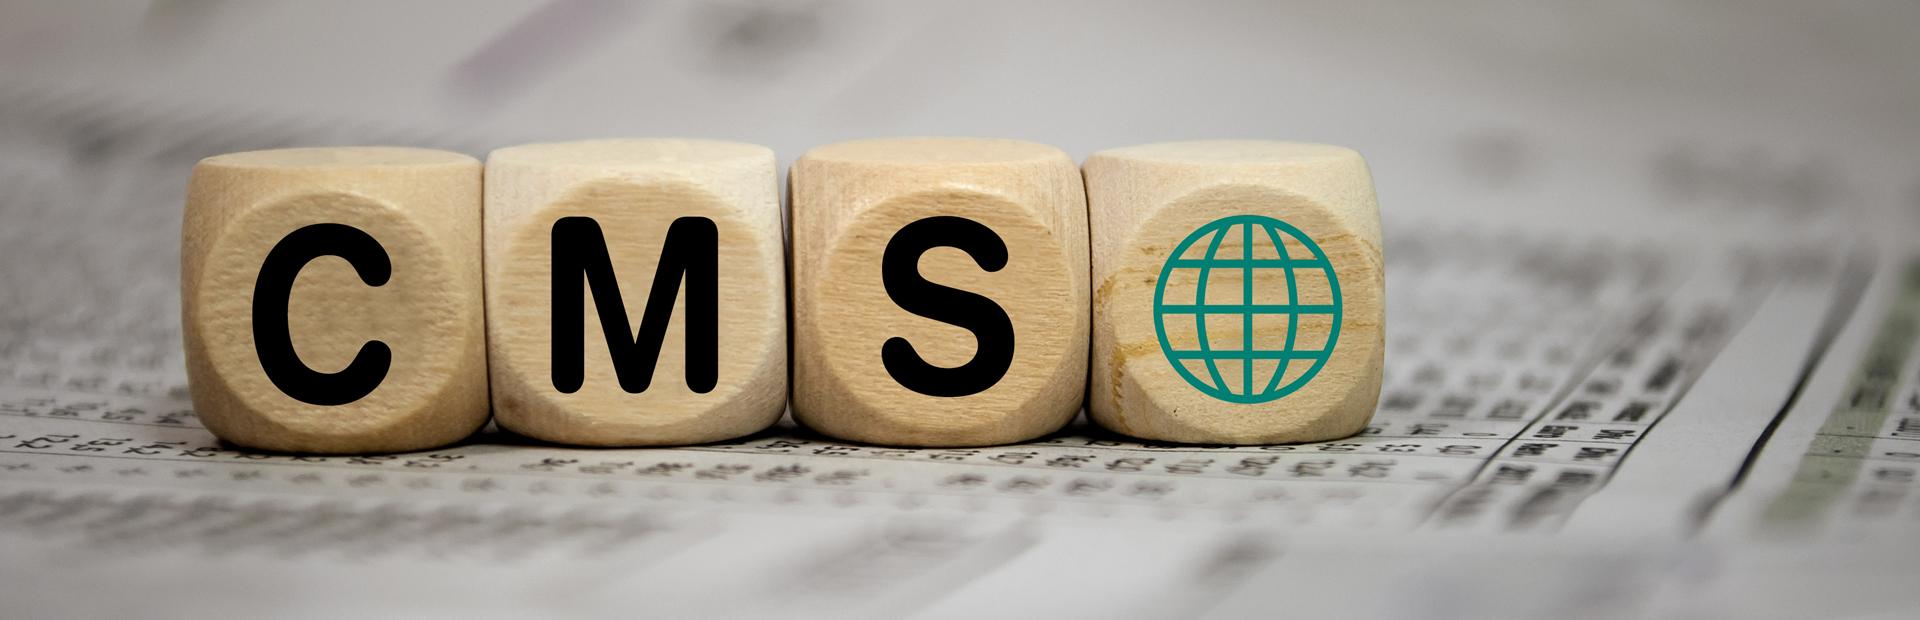 Jak wybrać najlepszy CMS? Poznaj 5 najpopularniejszych systemów zarządzania treścią